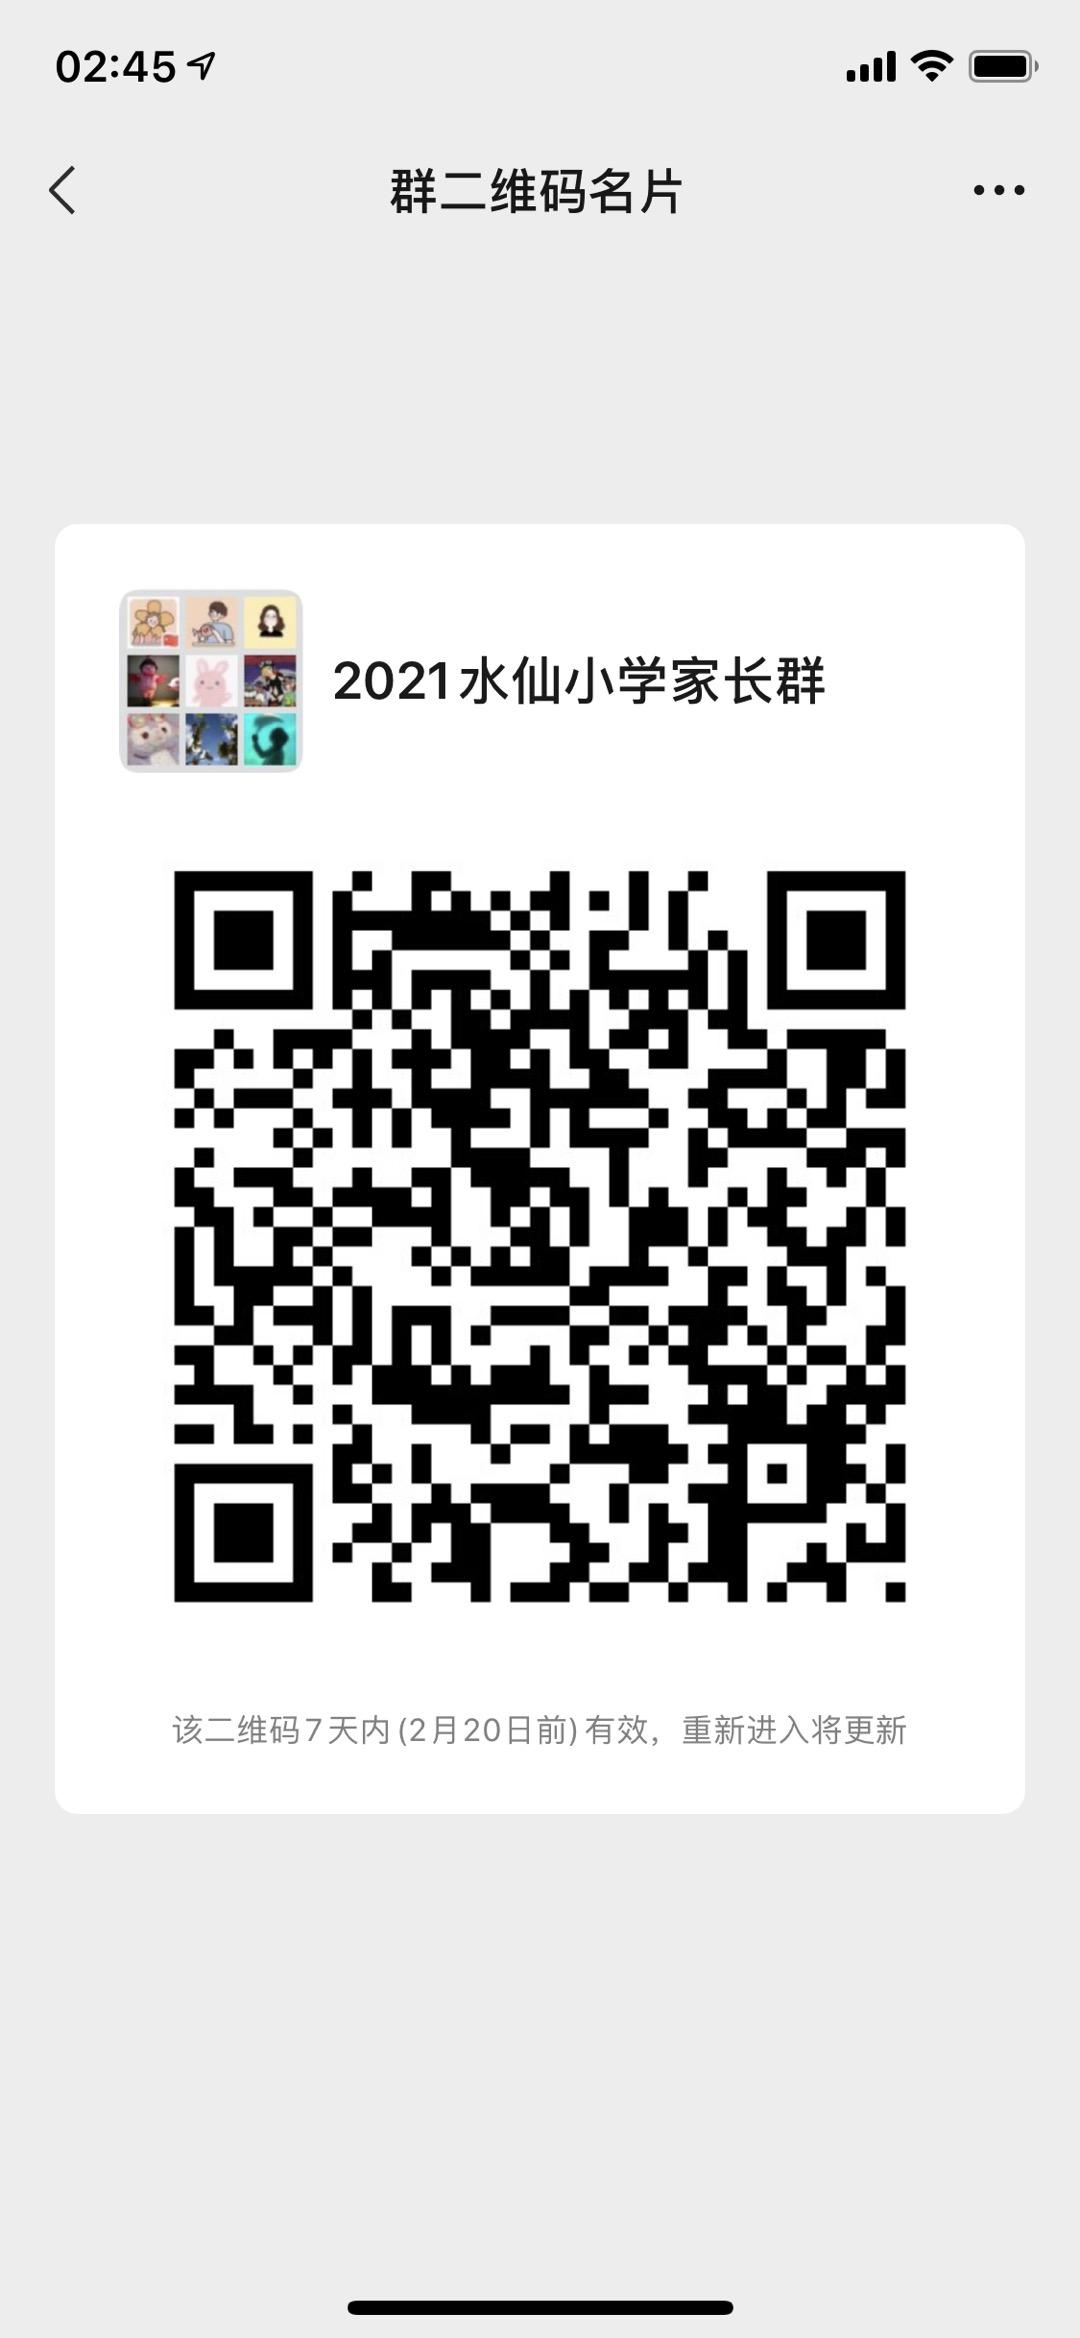 7E70878A-2B73-442E-8ADC-DBE743B57C07.jpg